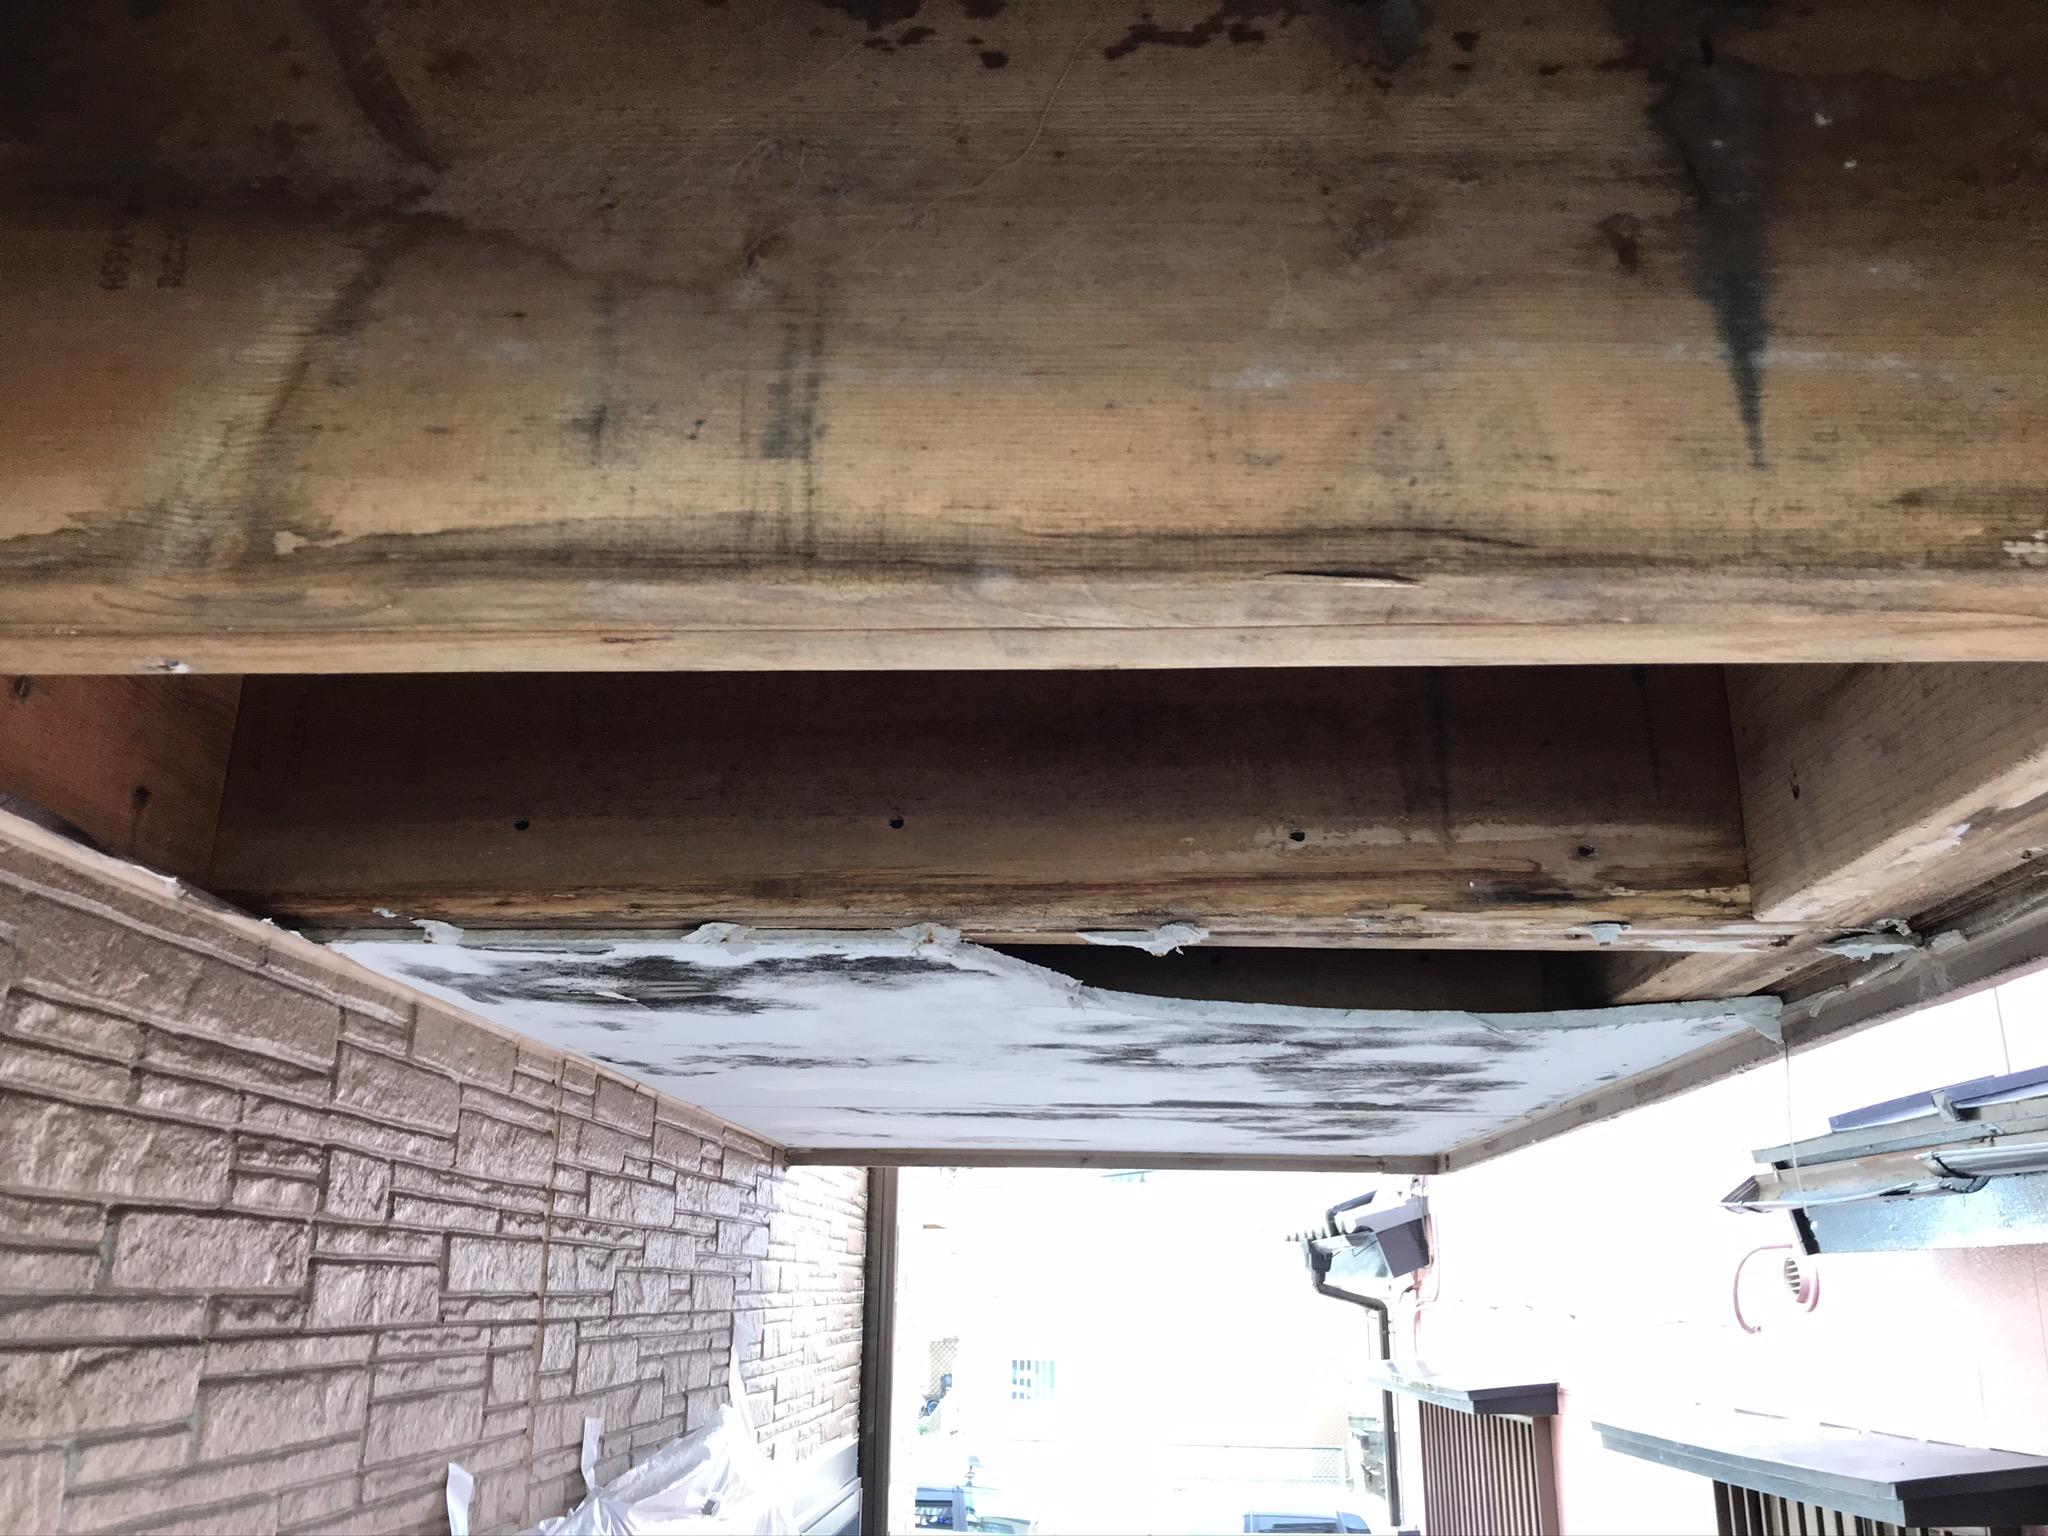 上尾市ベランダ型の雨漏り原因は雨樋内の異物